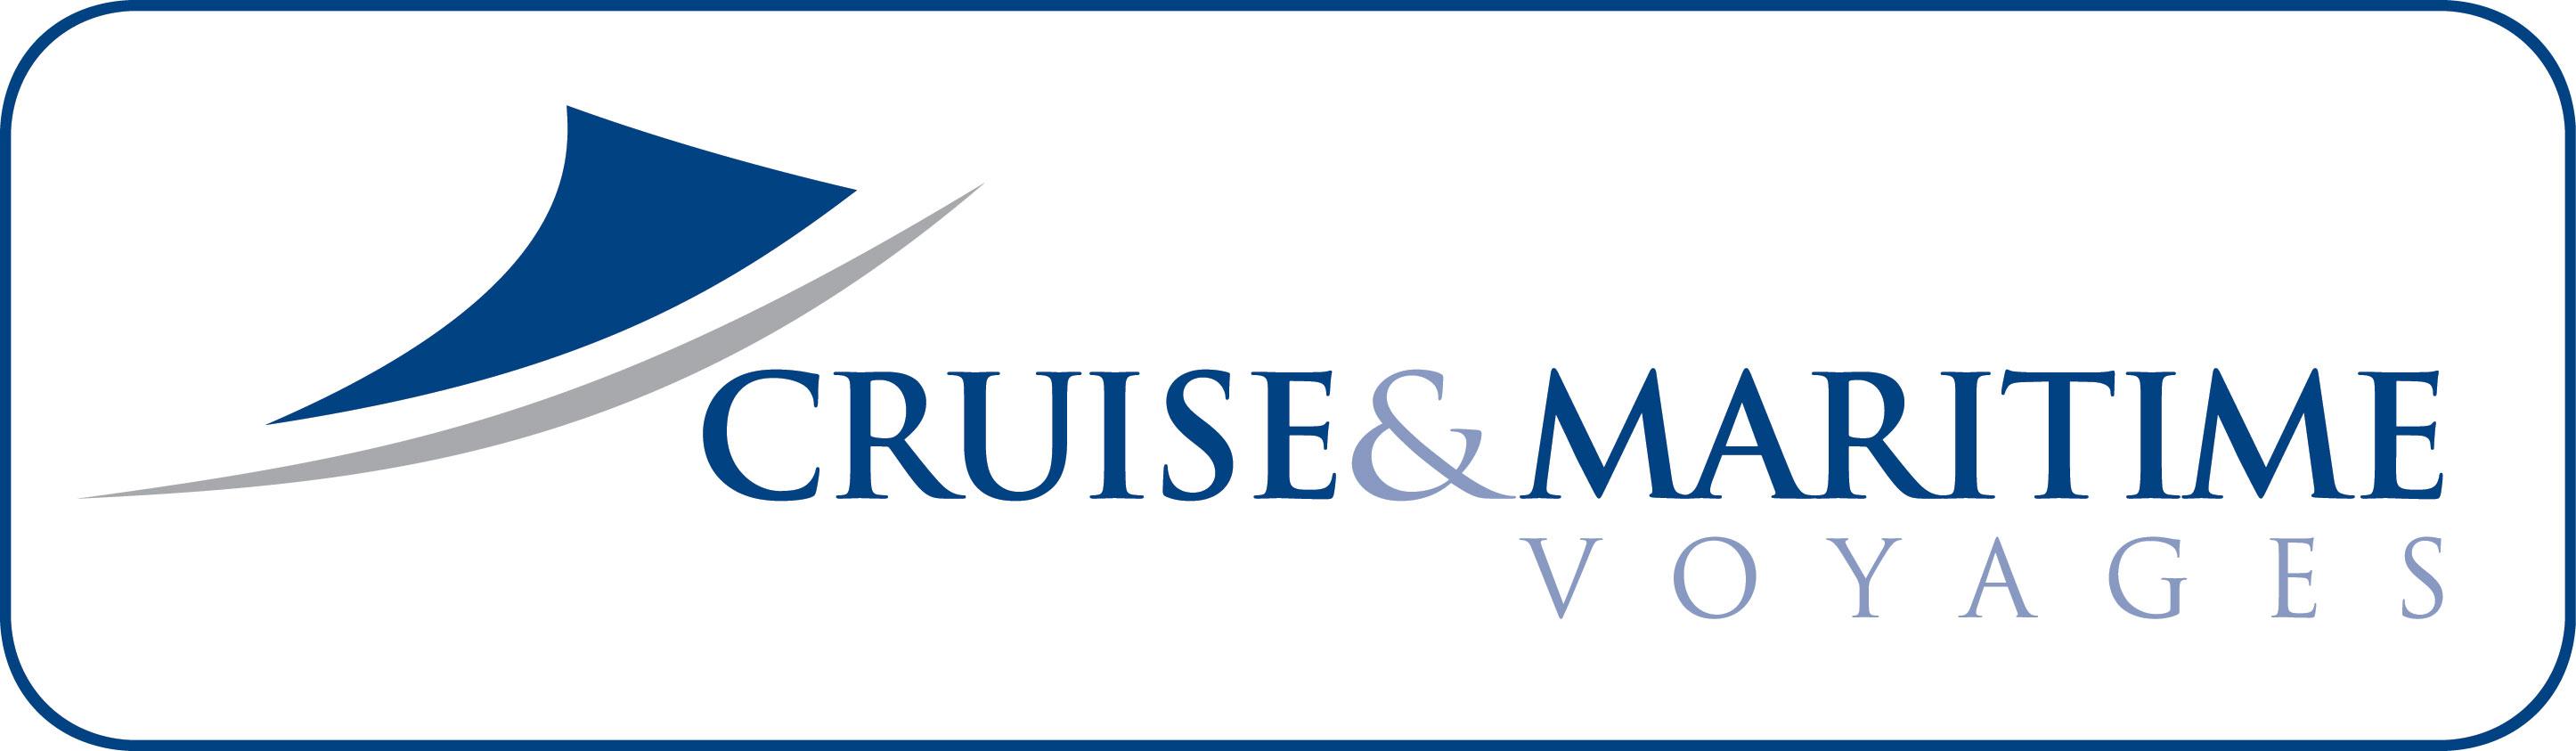 Cruise & Maritime Voyages logo